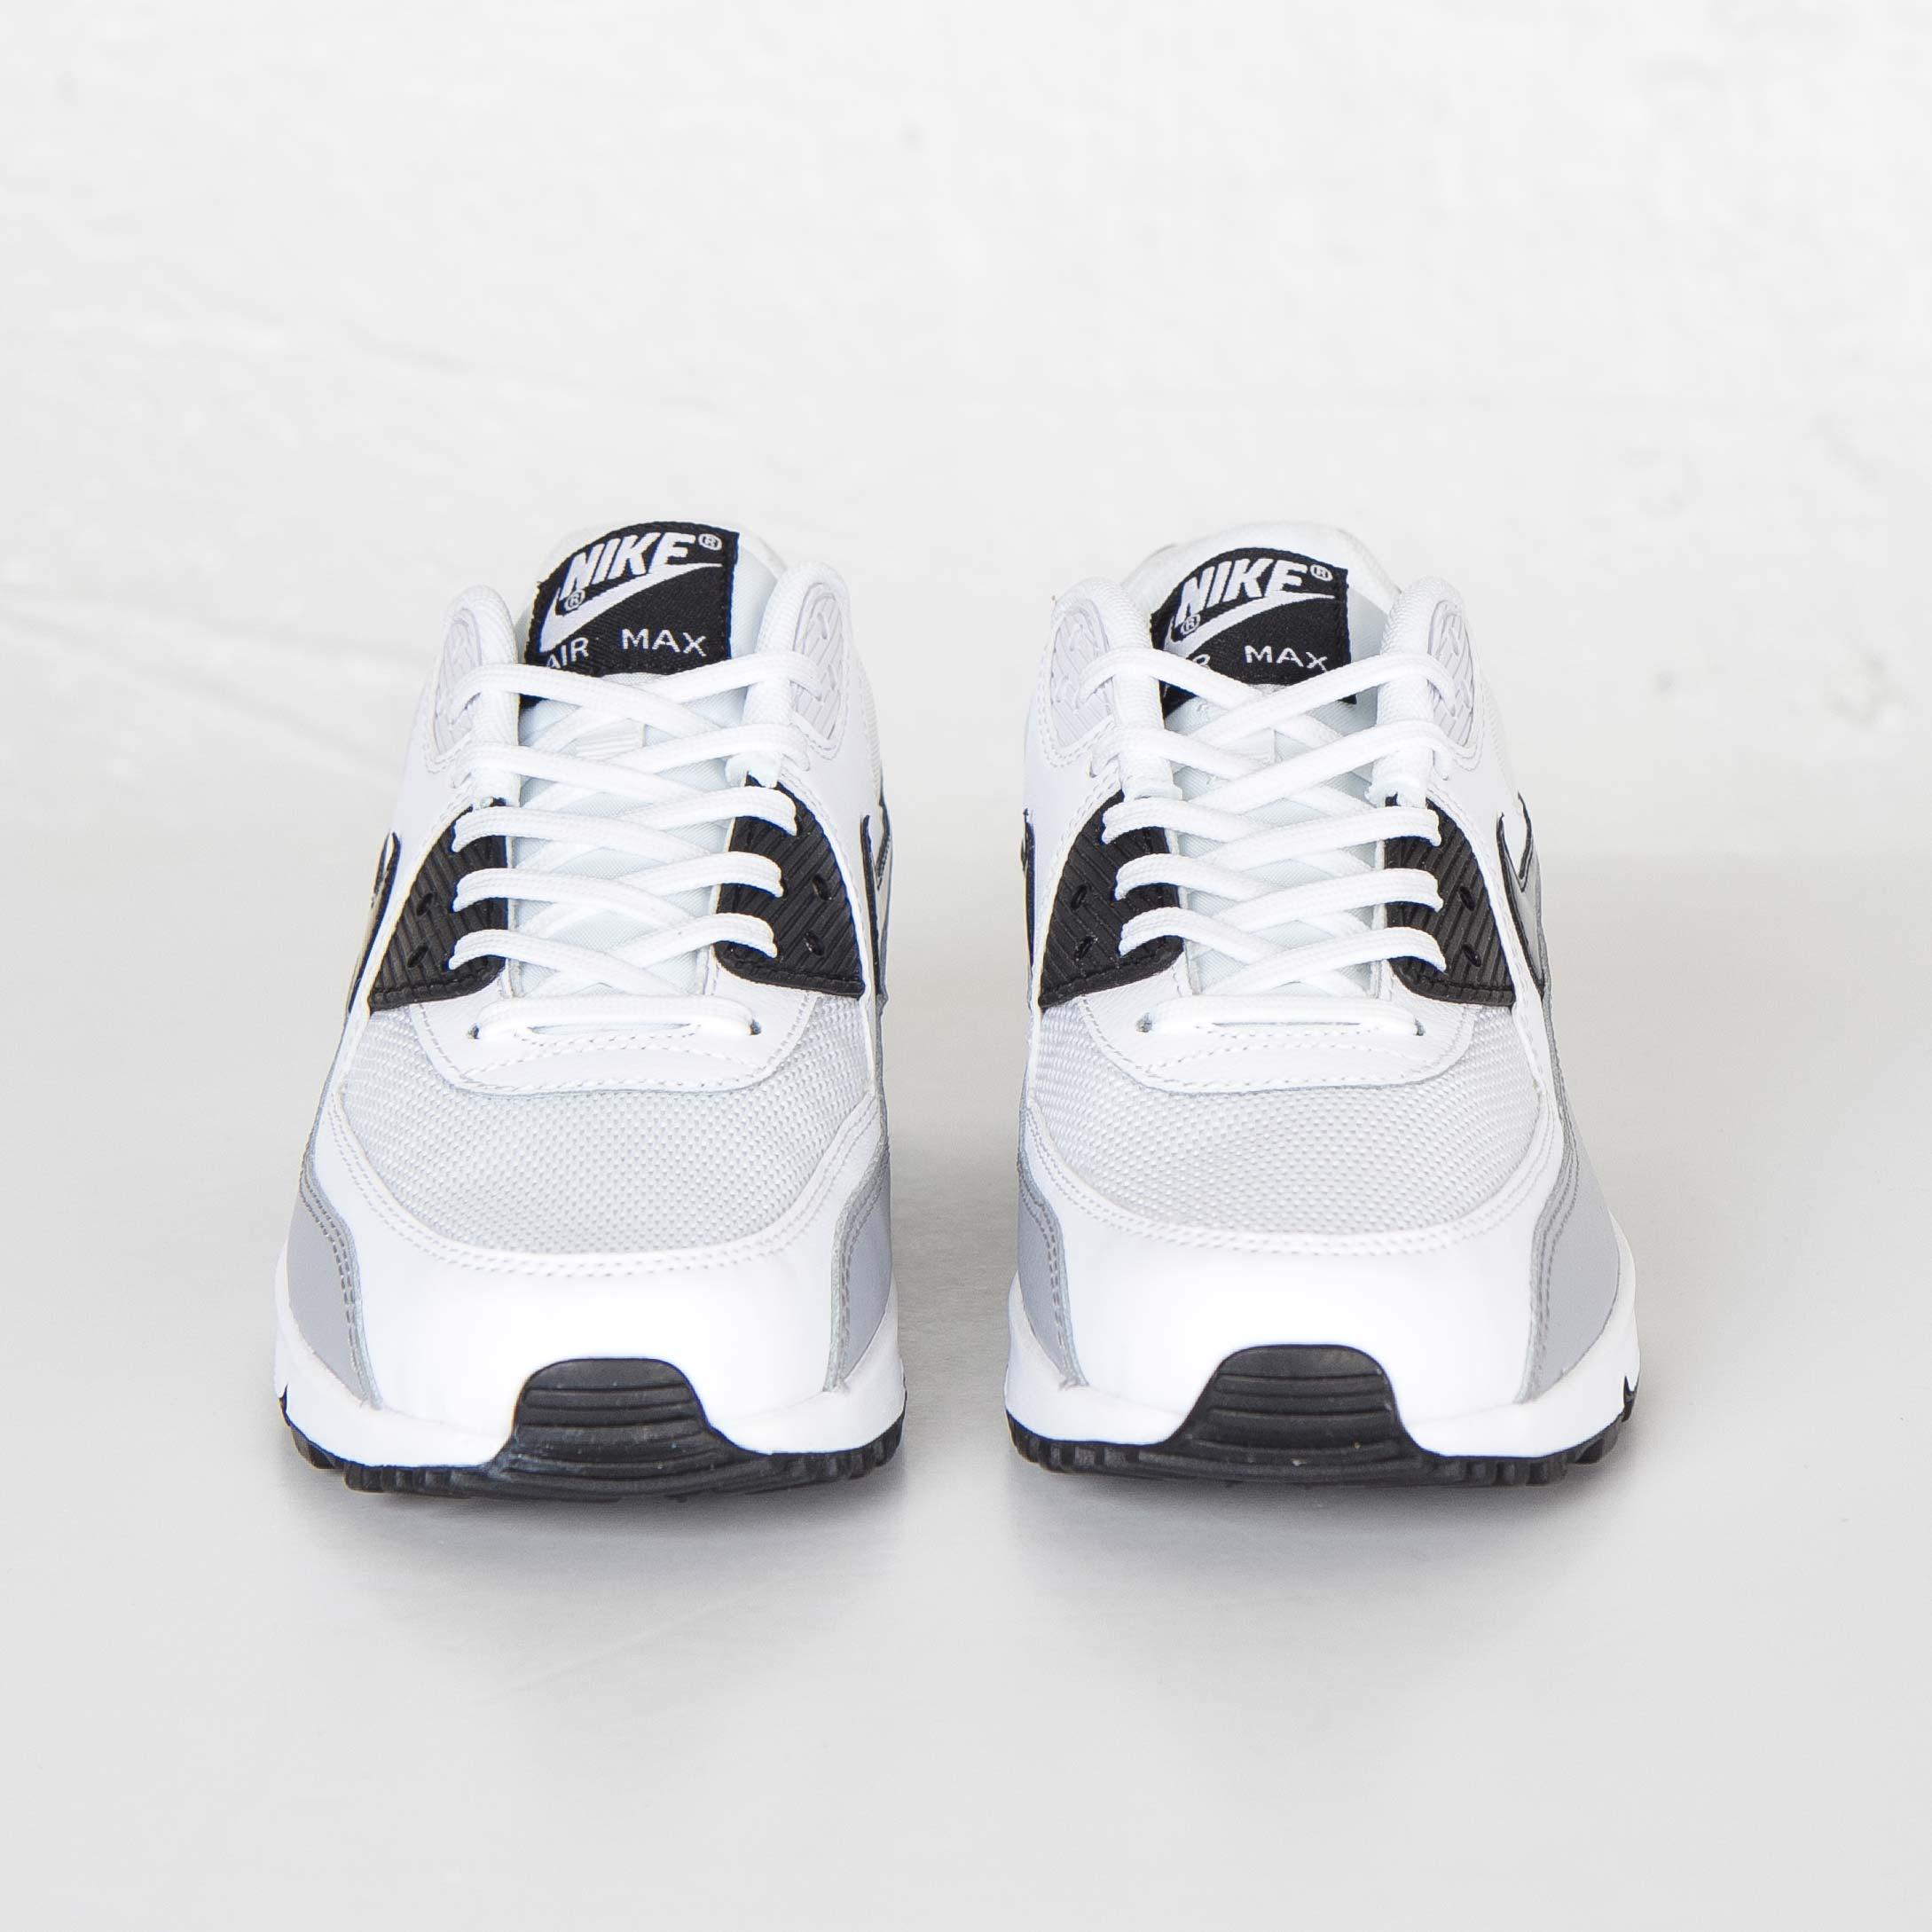 sale retailer 96eaa b289c Nike Wmns Air Max 90 Essential - 616730-111 - Sneakersnstuff   sneakers    streetwear online since 1999